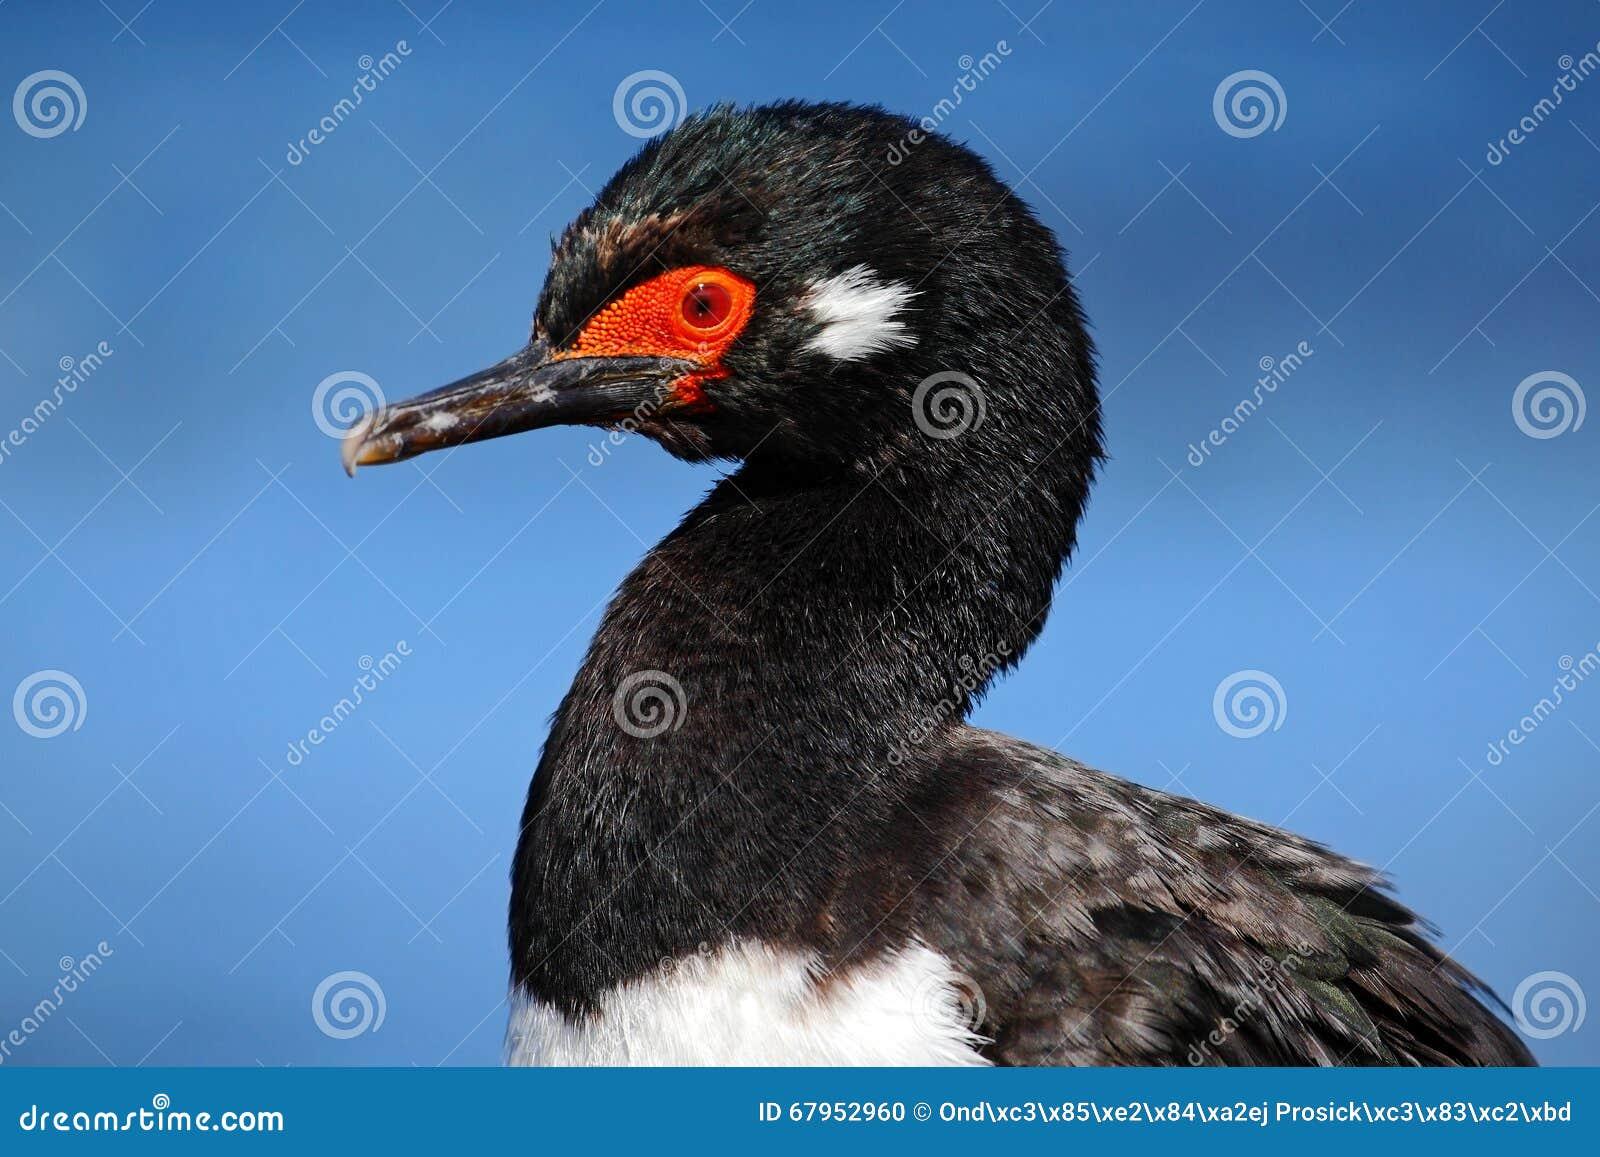 Basculez la tapis à longs poils, magellanicus de Phalacrocorax, cormoran noir et blanc, portrait de détail, Falkland Islands